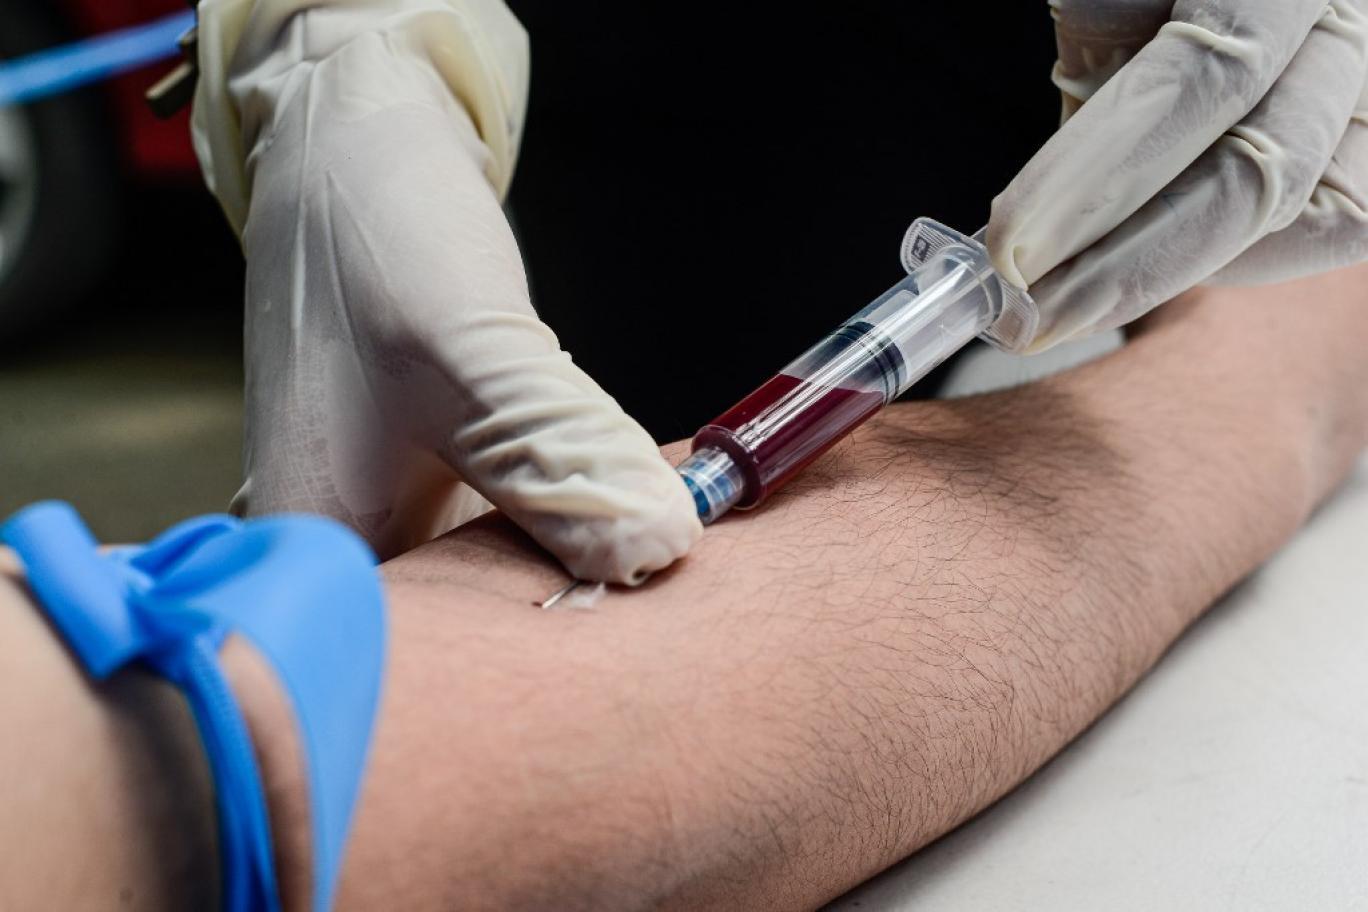 در سه حالت با دستگاه تست ، قند خون را بررسی می توان کرد